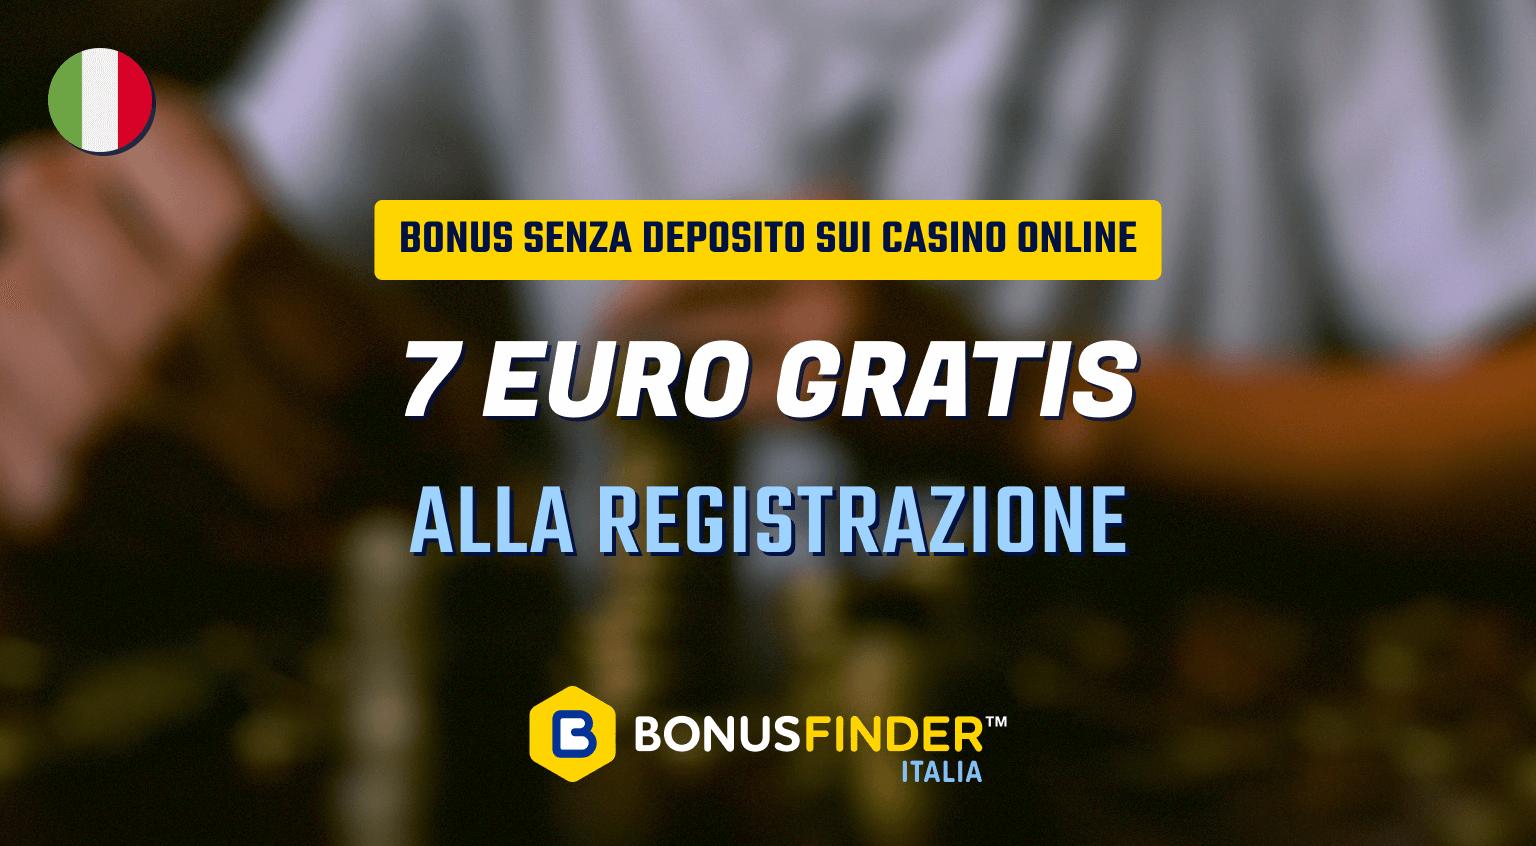 7 euro gratis alla registrazione